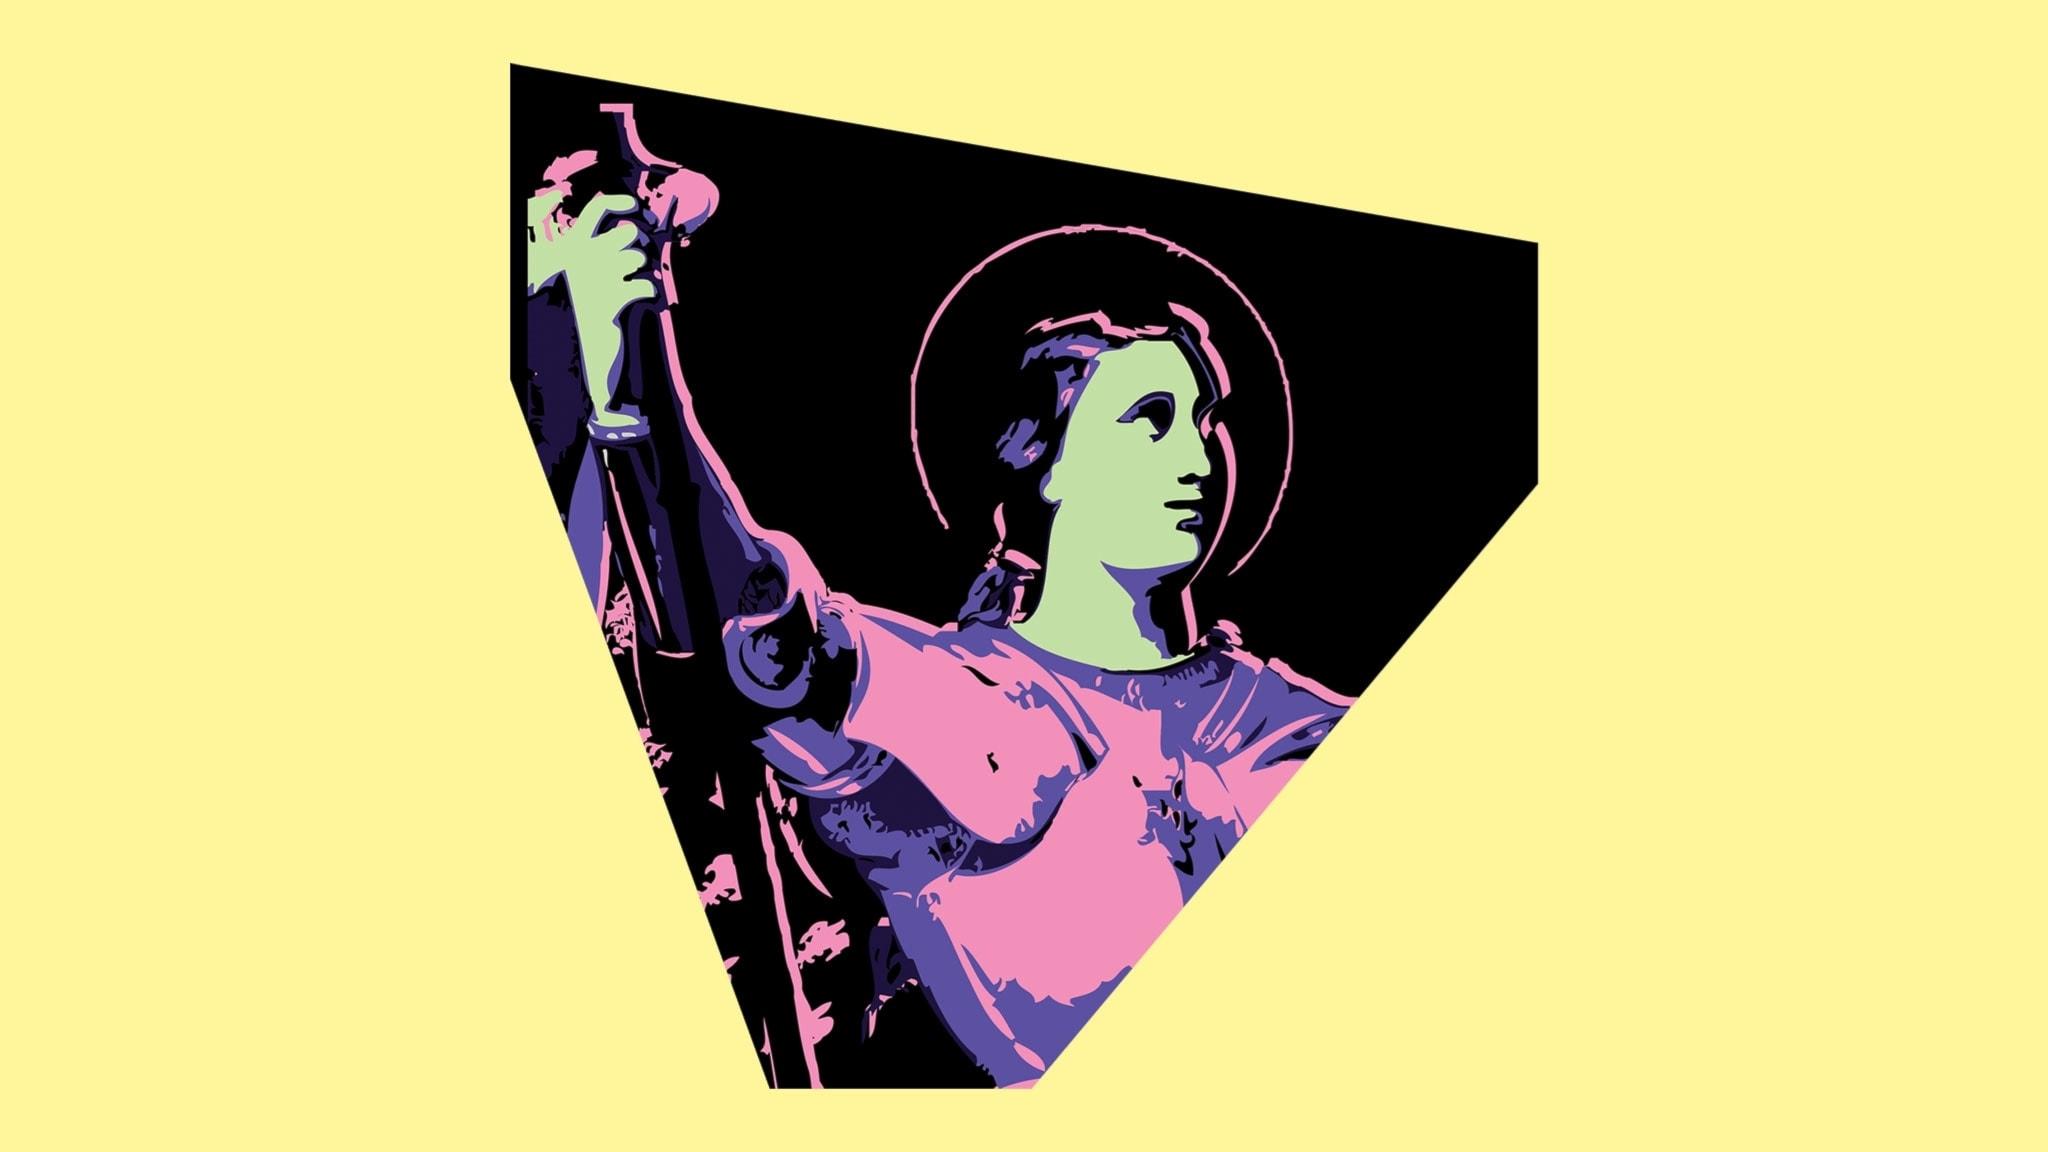 Jeanne d'Arc - helgon, häxa eller härförare?